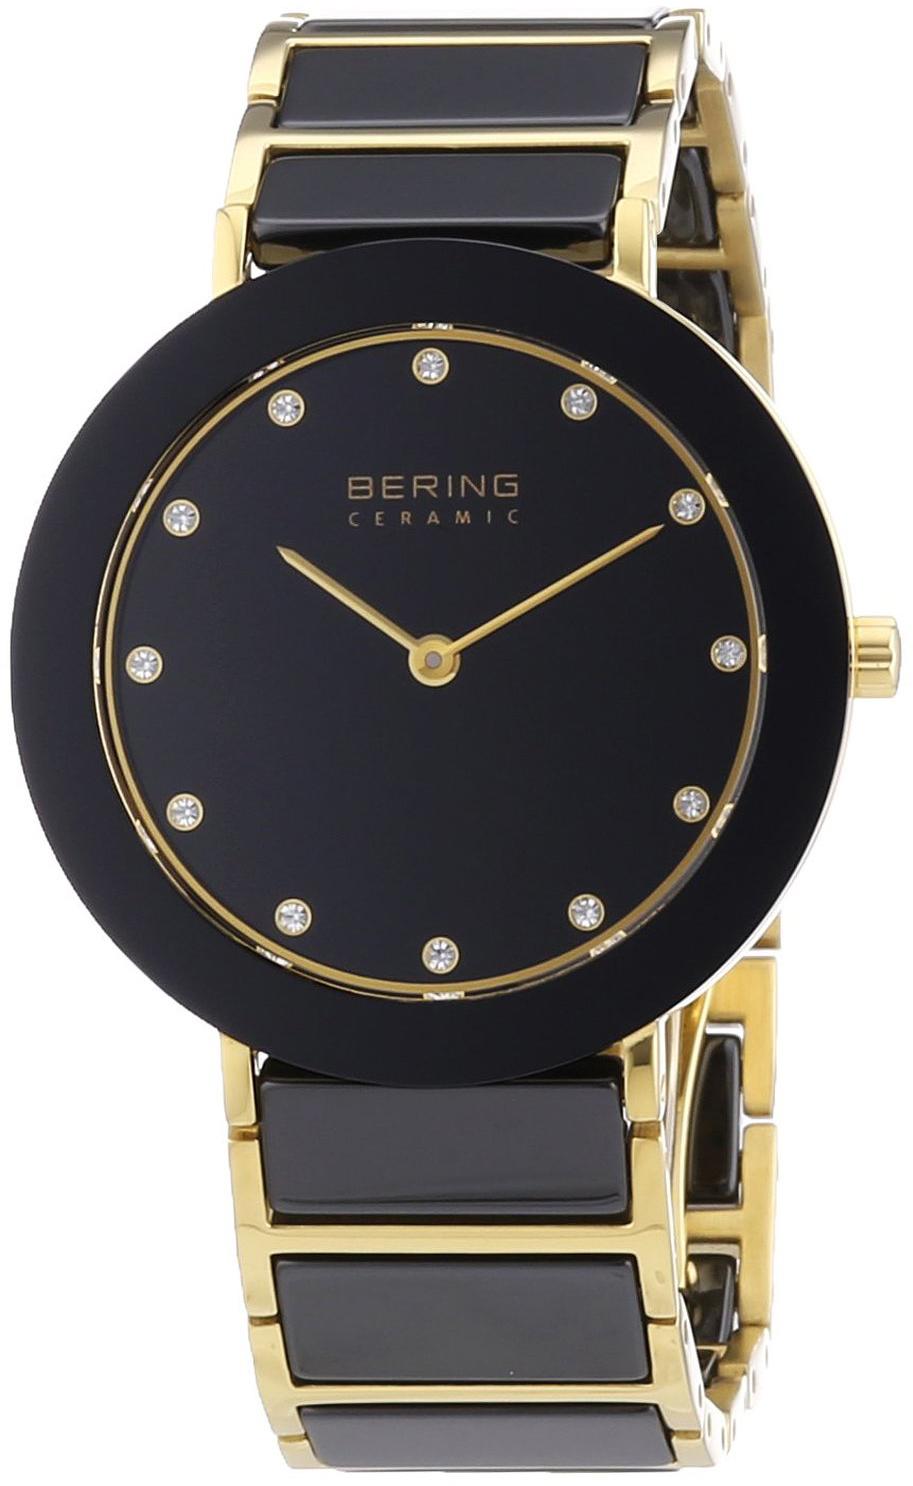 Bering Ceramic 11435-741 от Bering